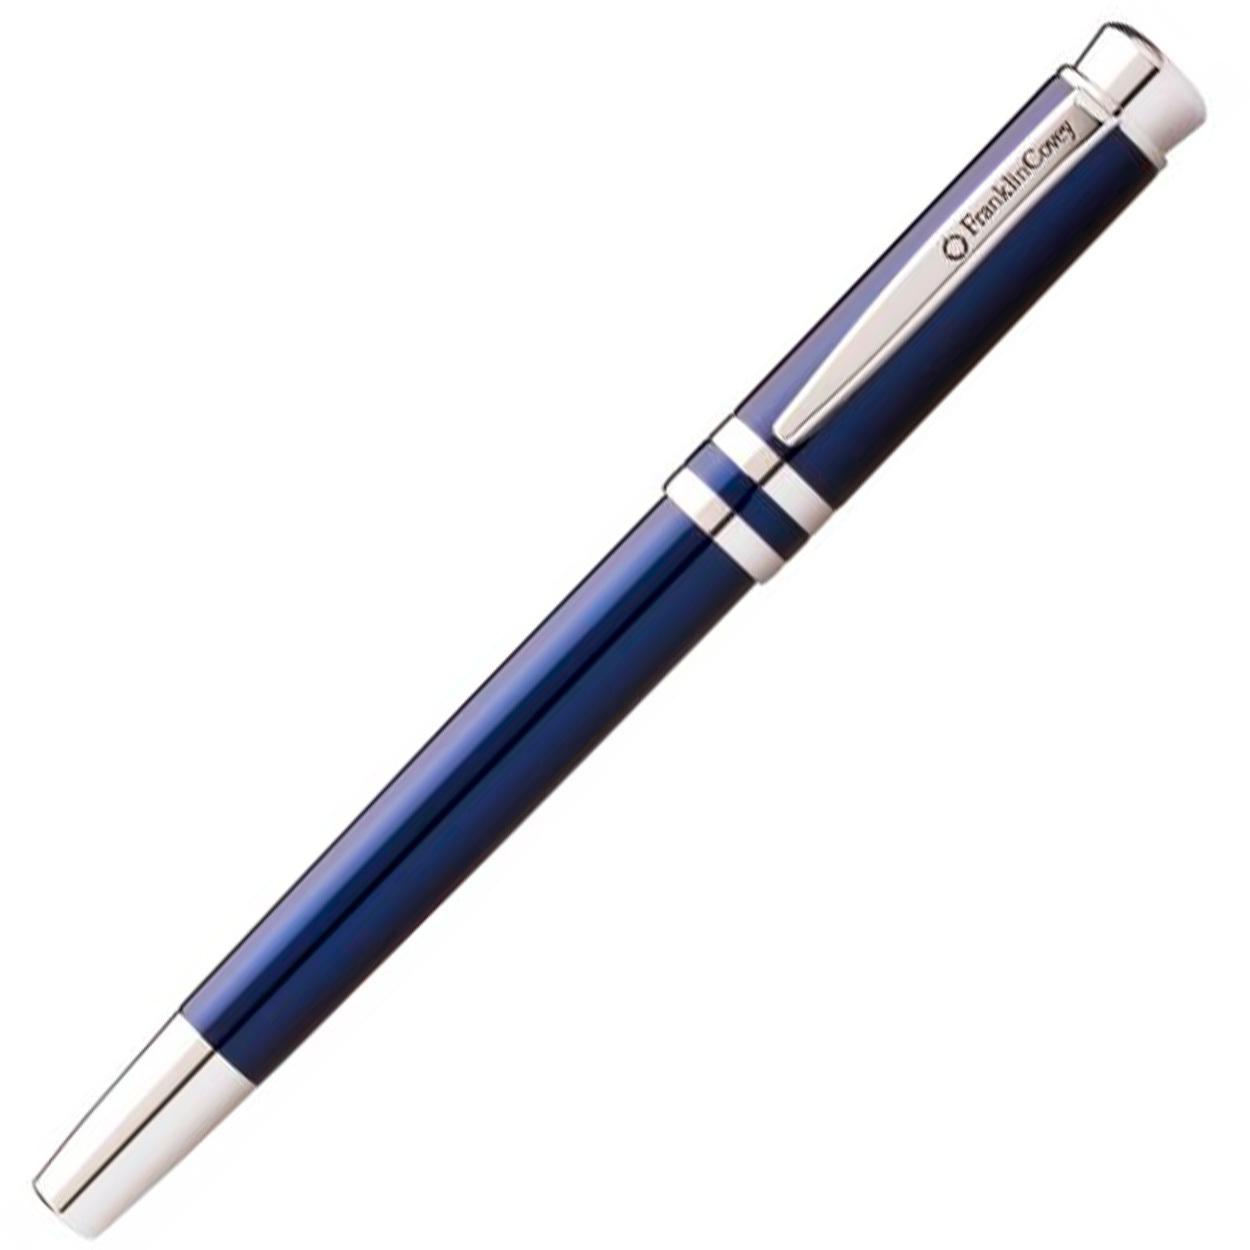 Перьевая ручка FranklinCovey Freemont. Корпус - латунь и лак